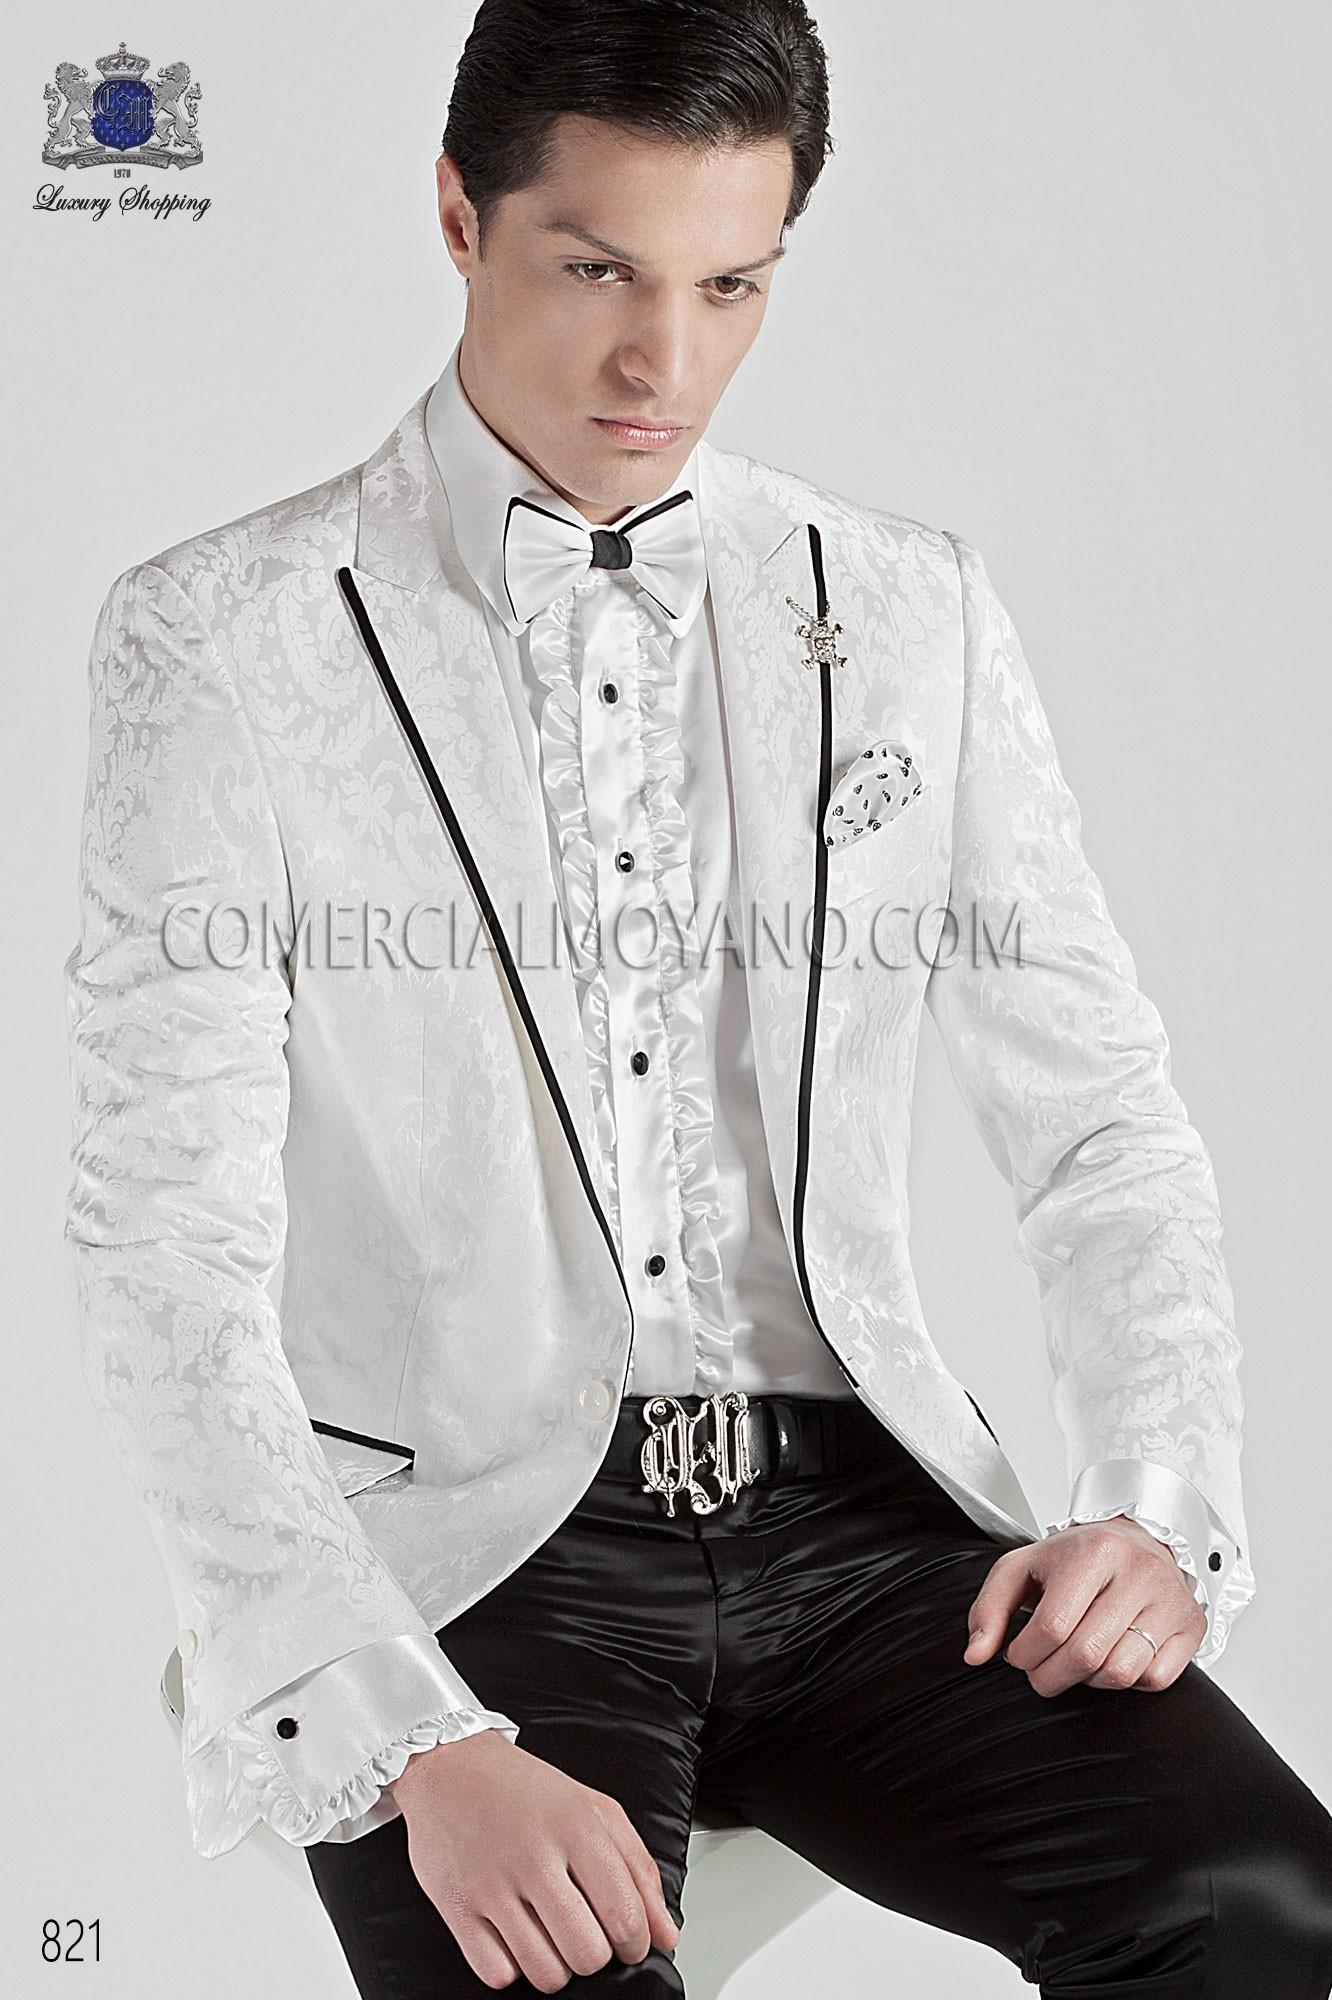 Traje Emotion de novio blanco modelo: 821 Ottavio Nuccio Gala colección Emotion